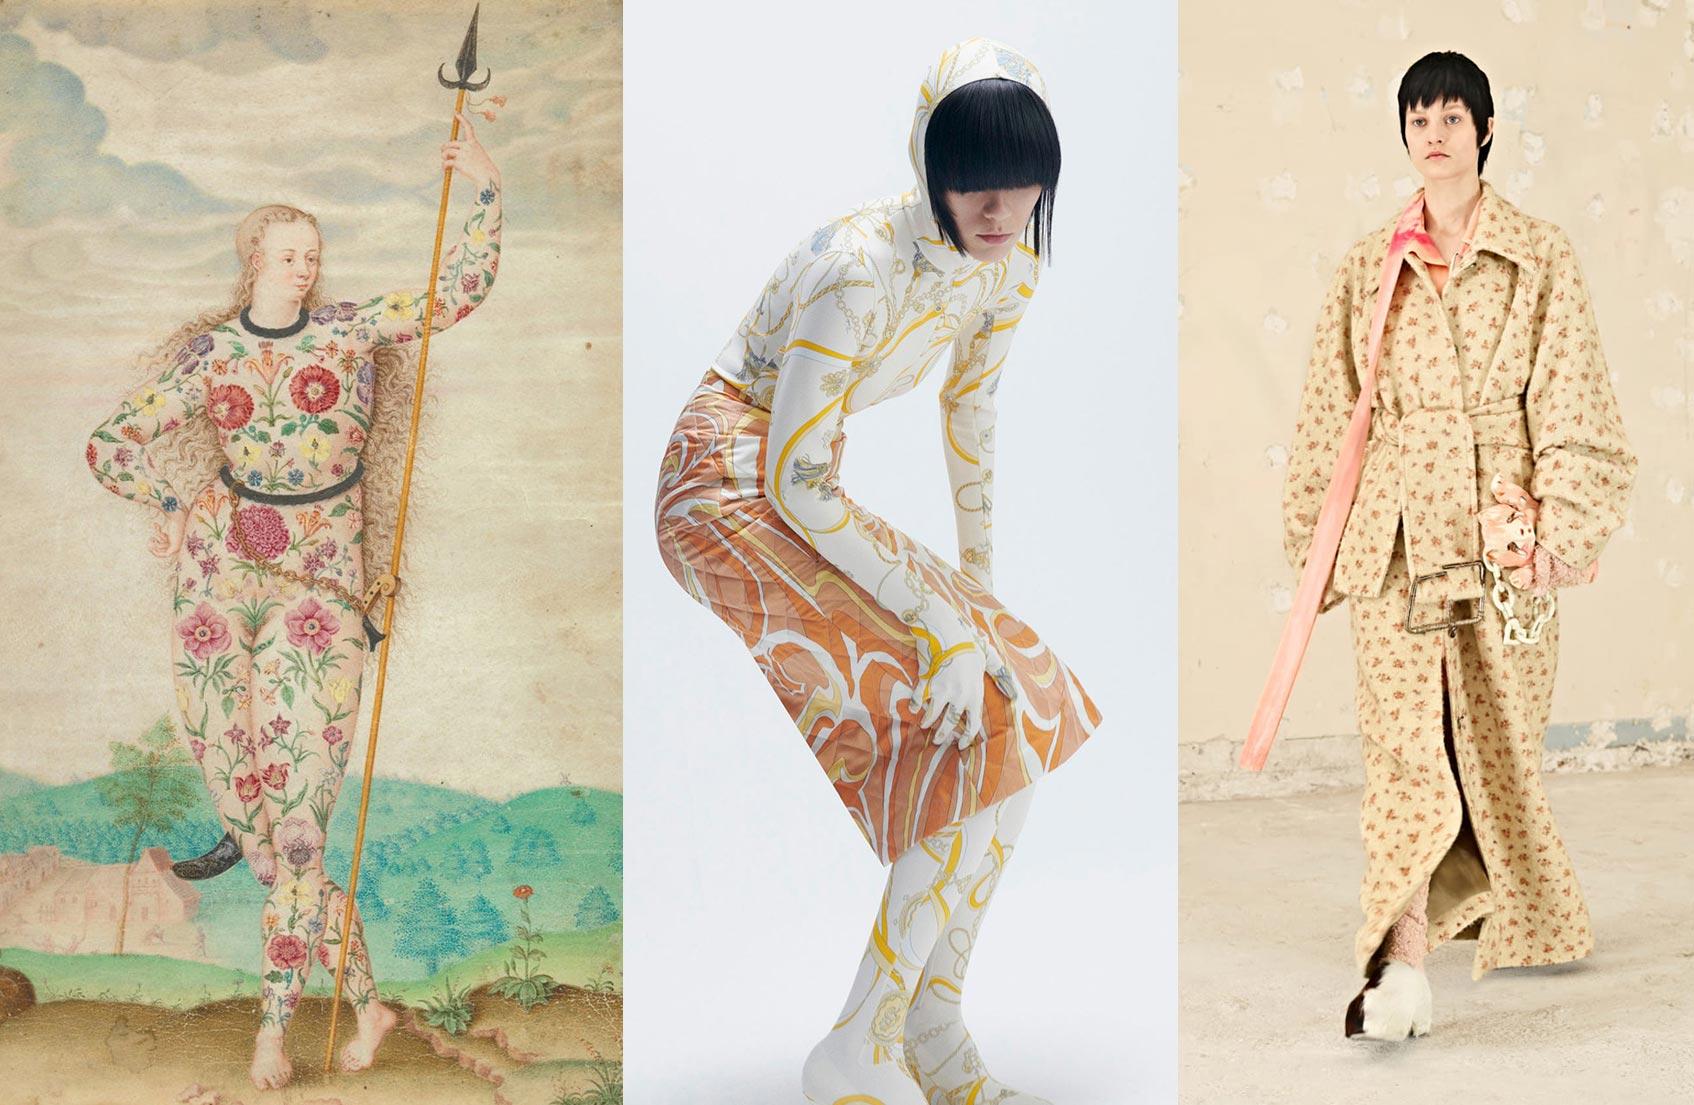 «Юная дочь пиктов» Жак Ле Муан, около 1533; Emilio Pucci, Acne Studious, все – осень-зима 21/22